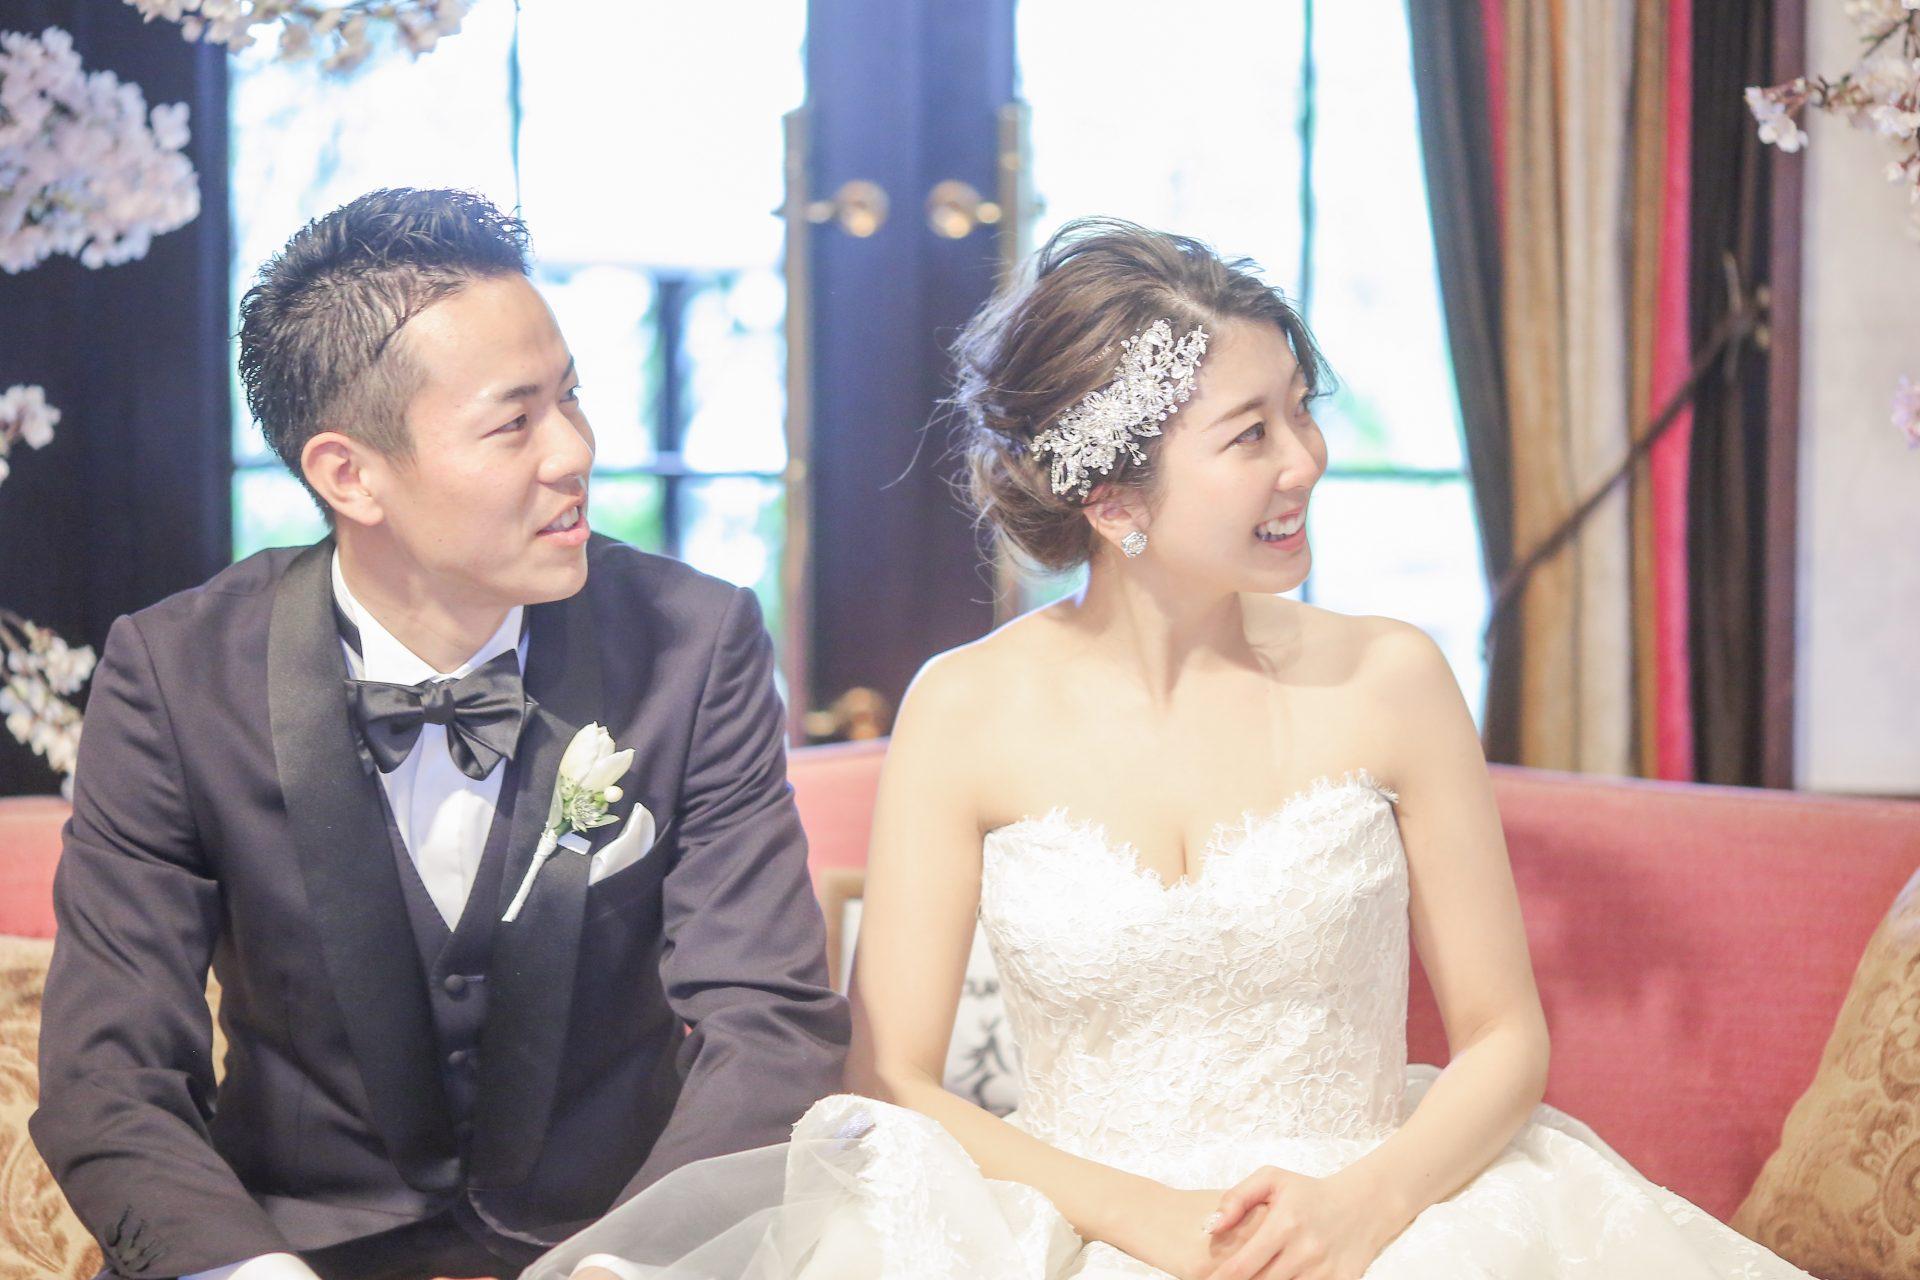 フォーチュンガーデン京都でお式を挙げられるお二人にご紹介したい透明感あるレースとチュールが組み合わさったビスチェタイプのウェディングドレスとネービーの爽やかなタキシード